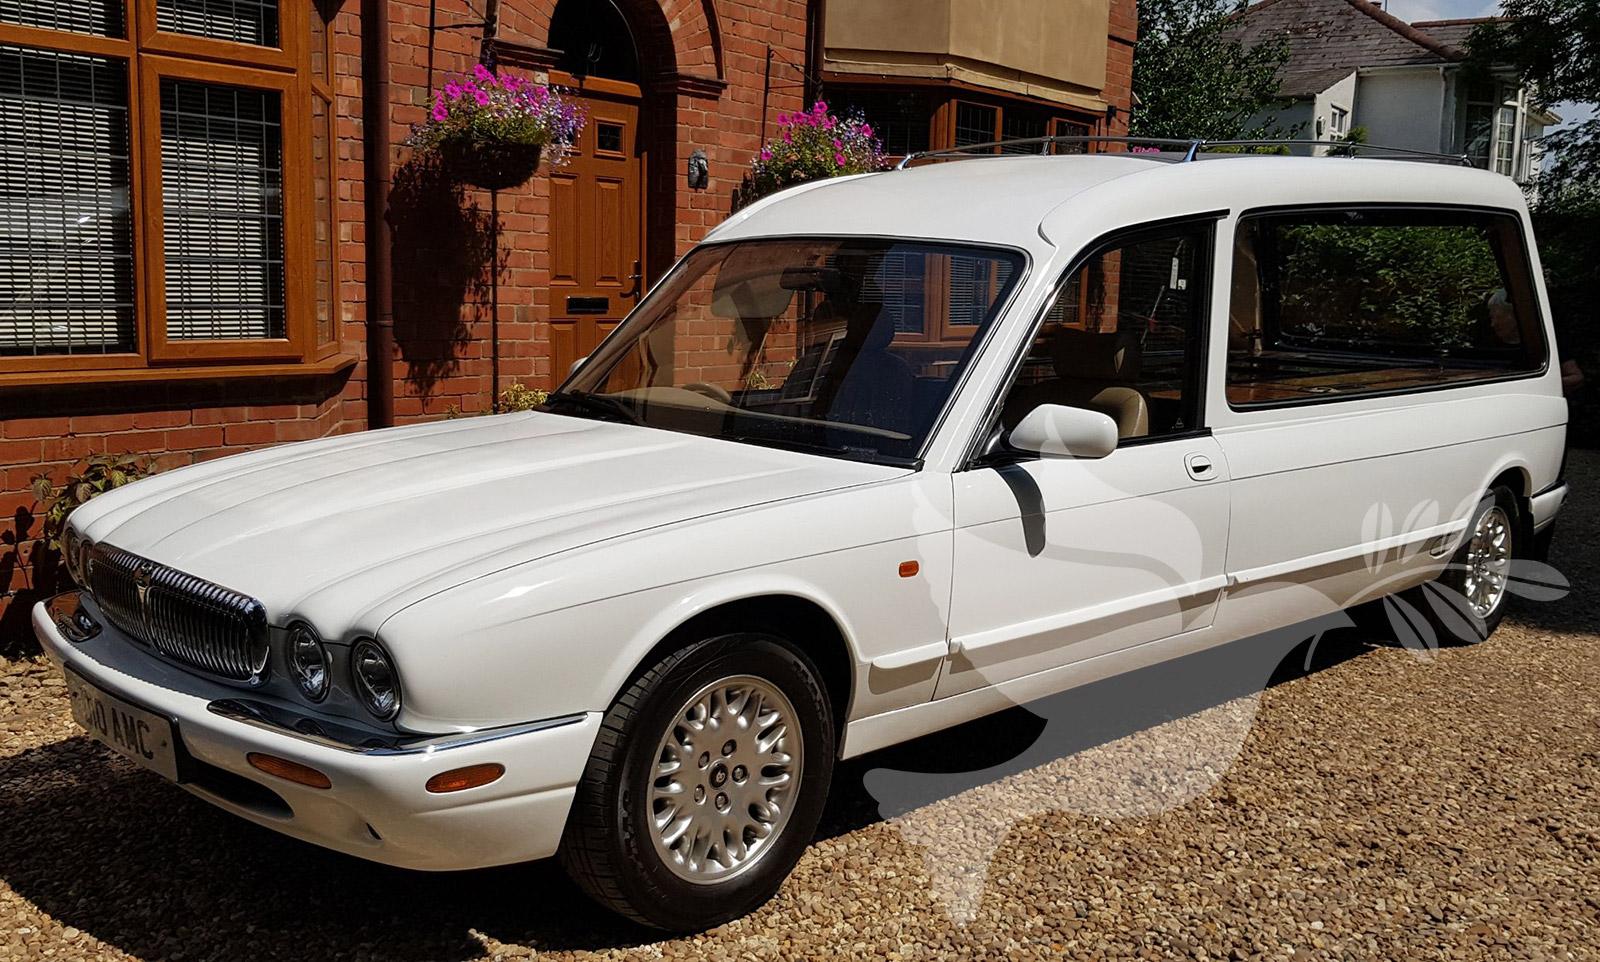 White Daimler/Jaguar XJ 300 Hearse